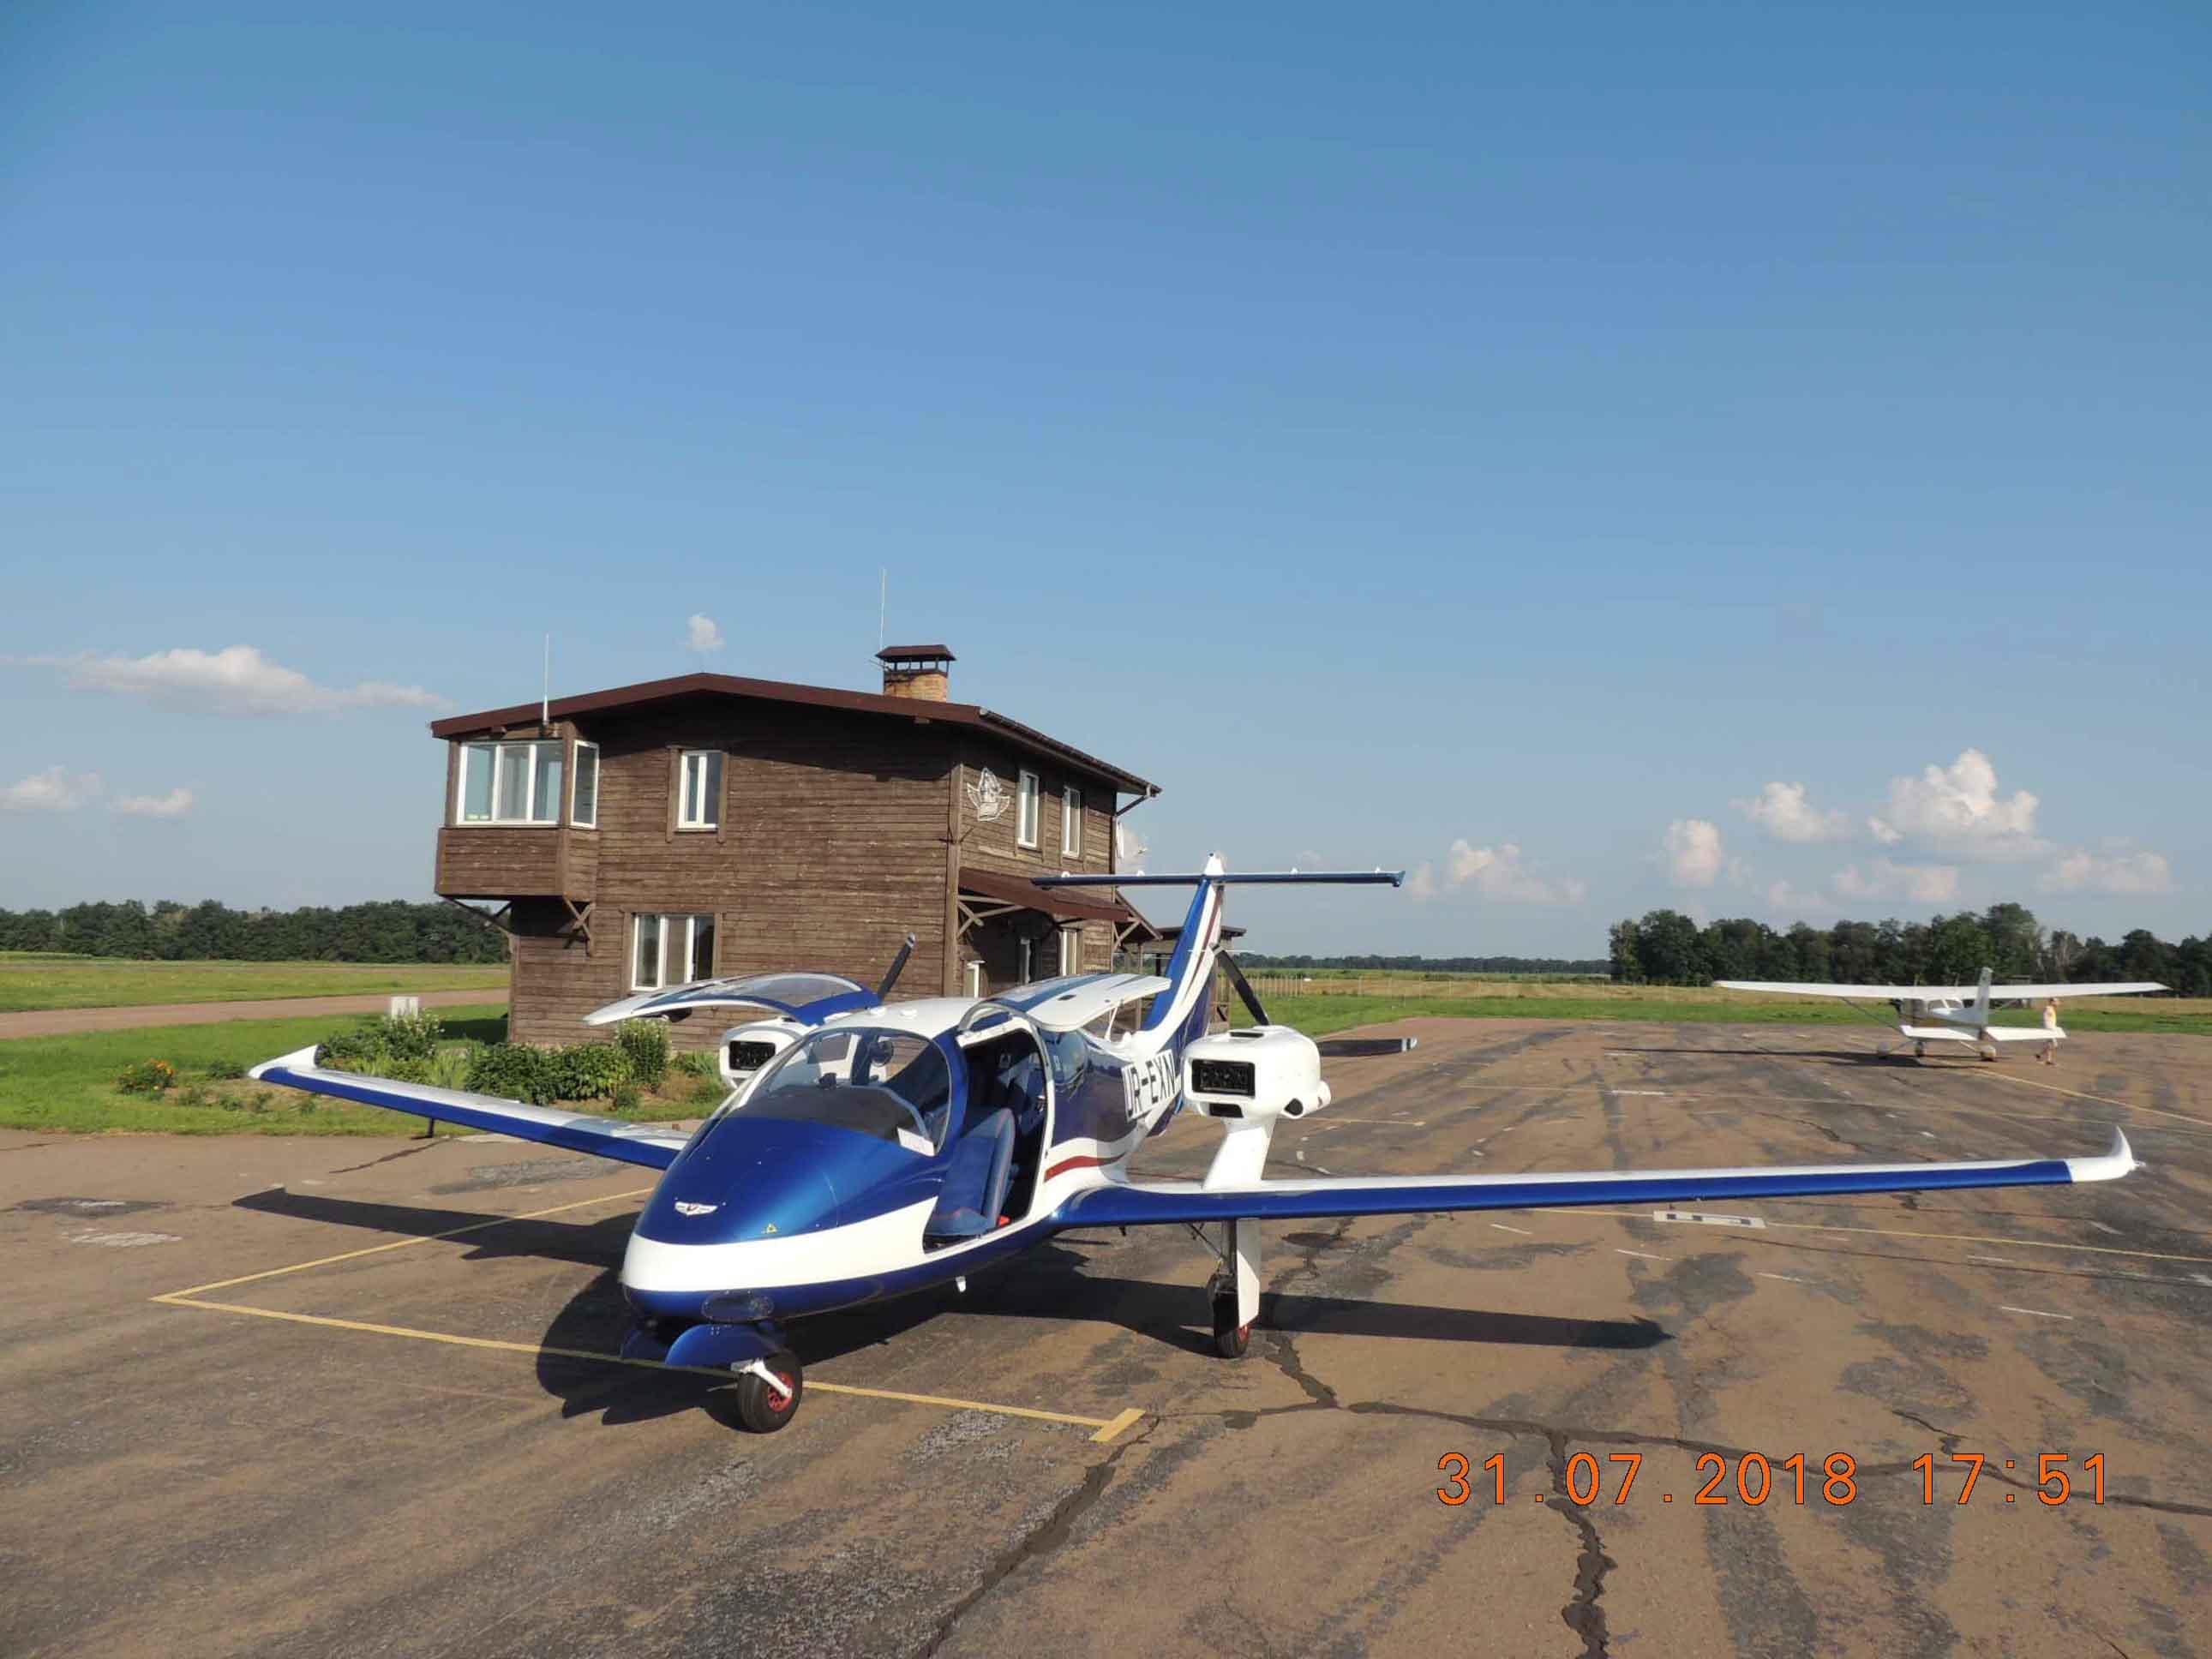 продаем четырехместный, двухмоторный самолет V-24-I фото 2